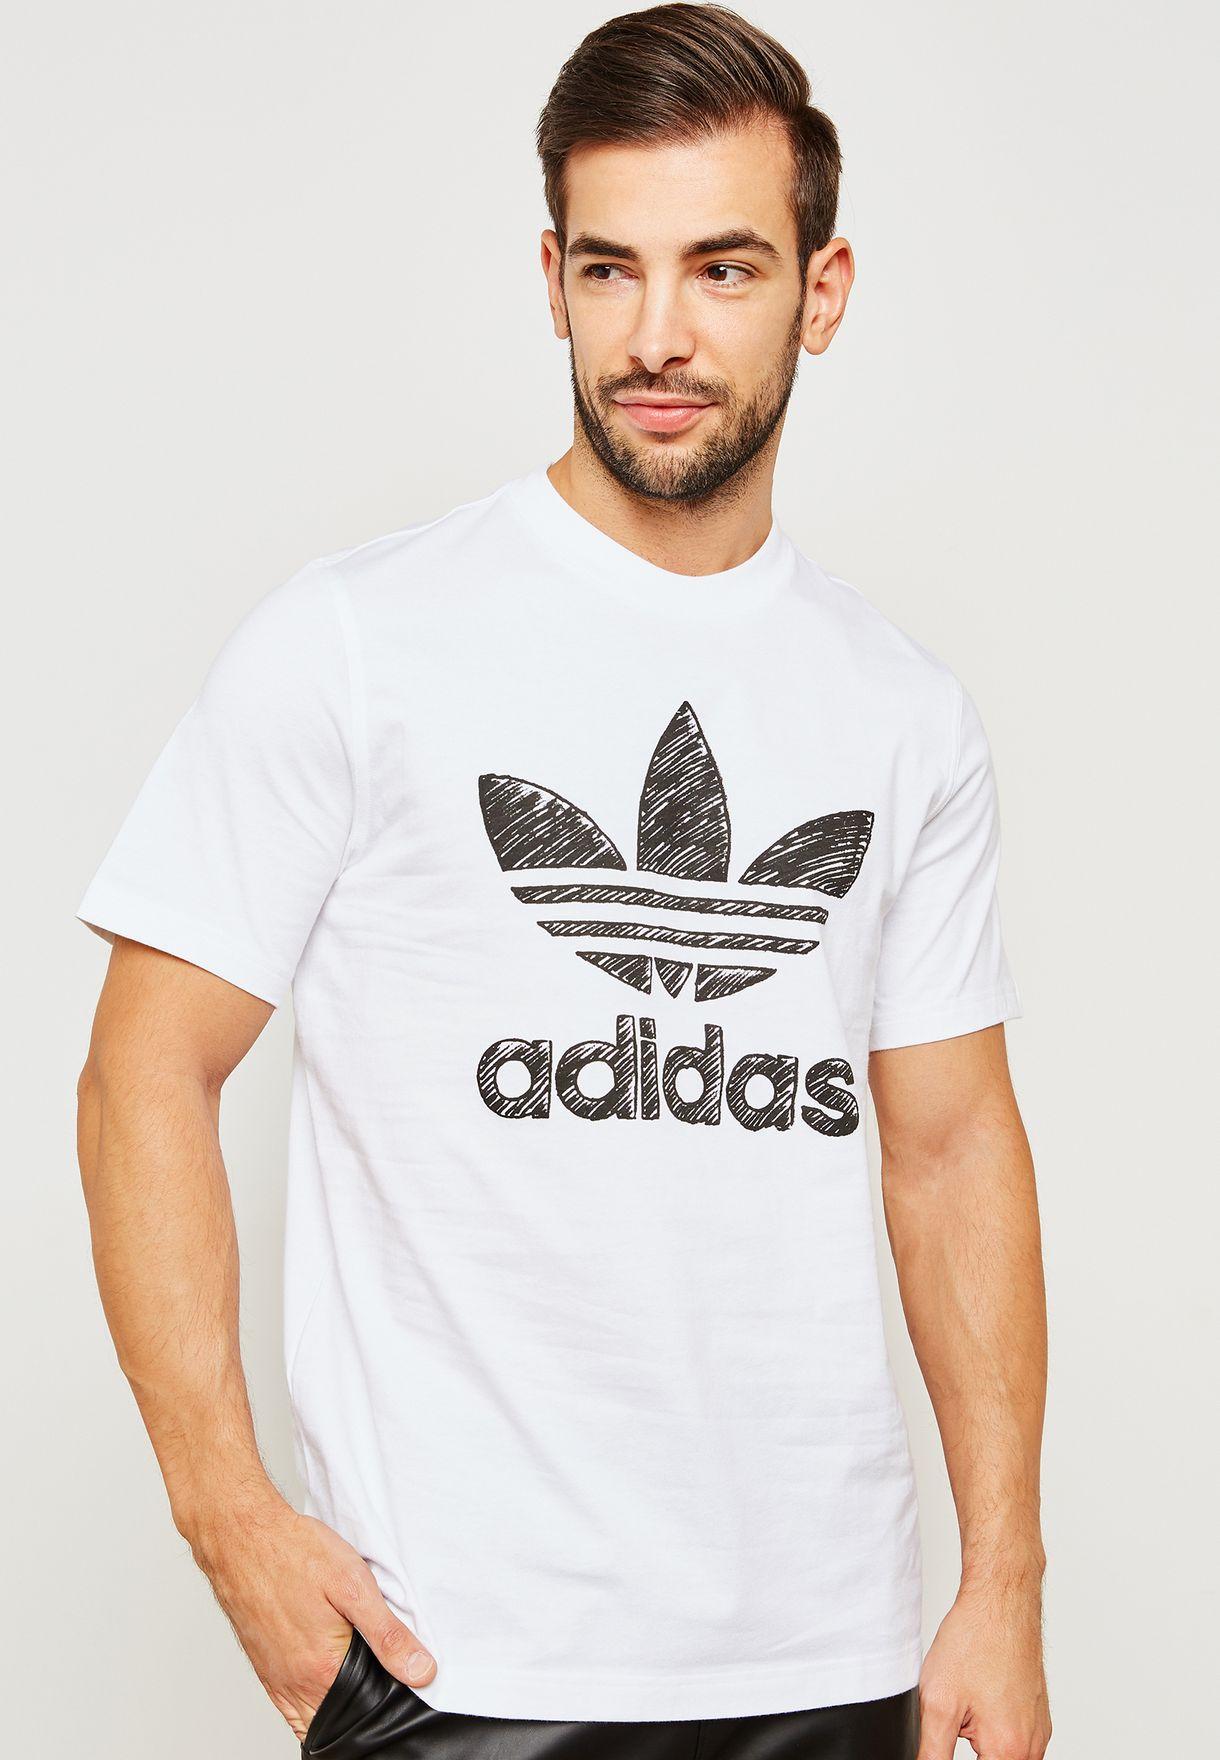 Tienda adidas Originals blanco dibujado a mano para hombres en dh4810 T1 t shirt